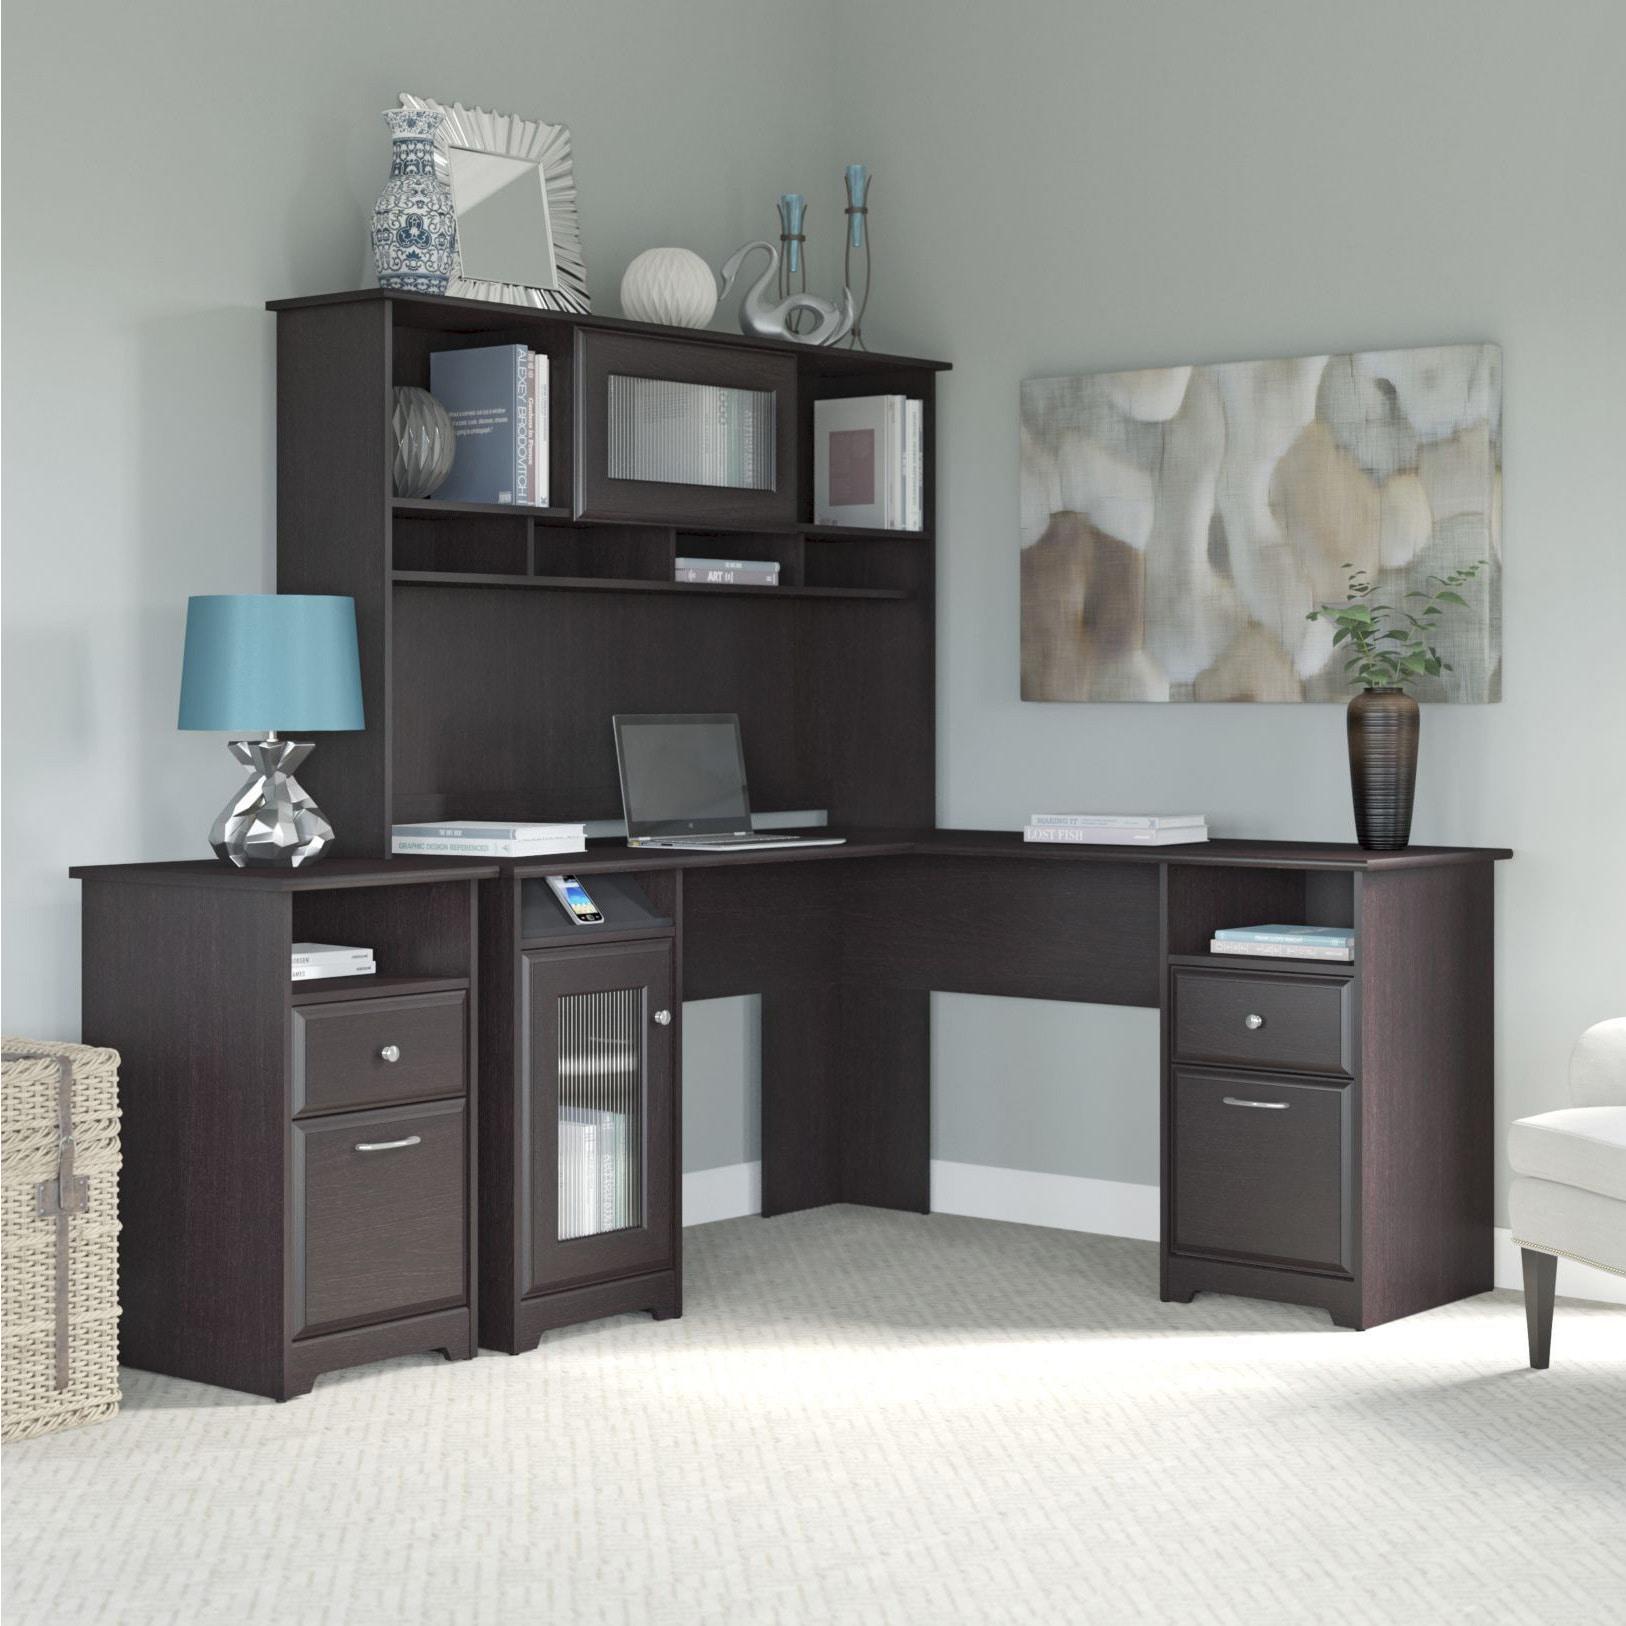 Copper Grove Daintree Espresso Oak L Shaped Desk Hutch And 2 Drawer File Cabinet